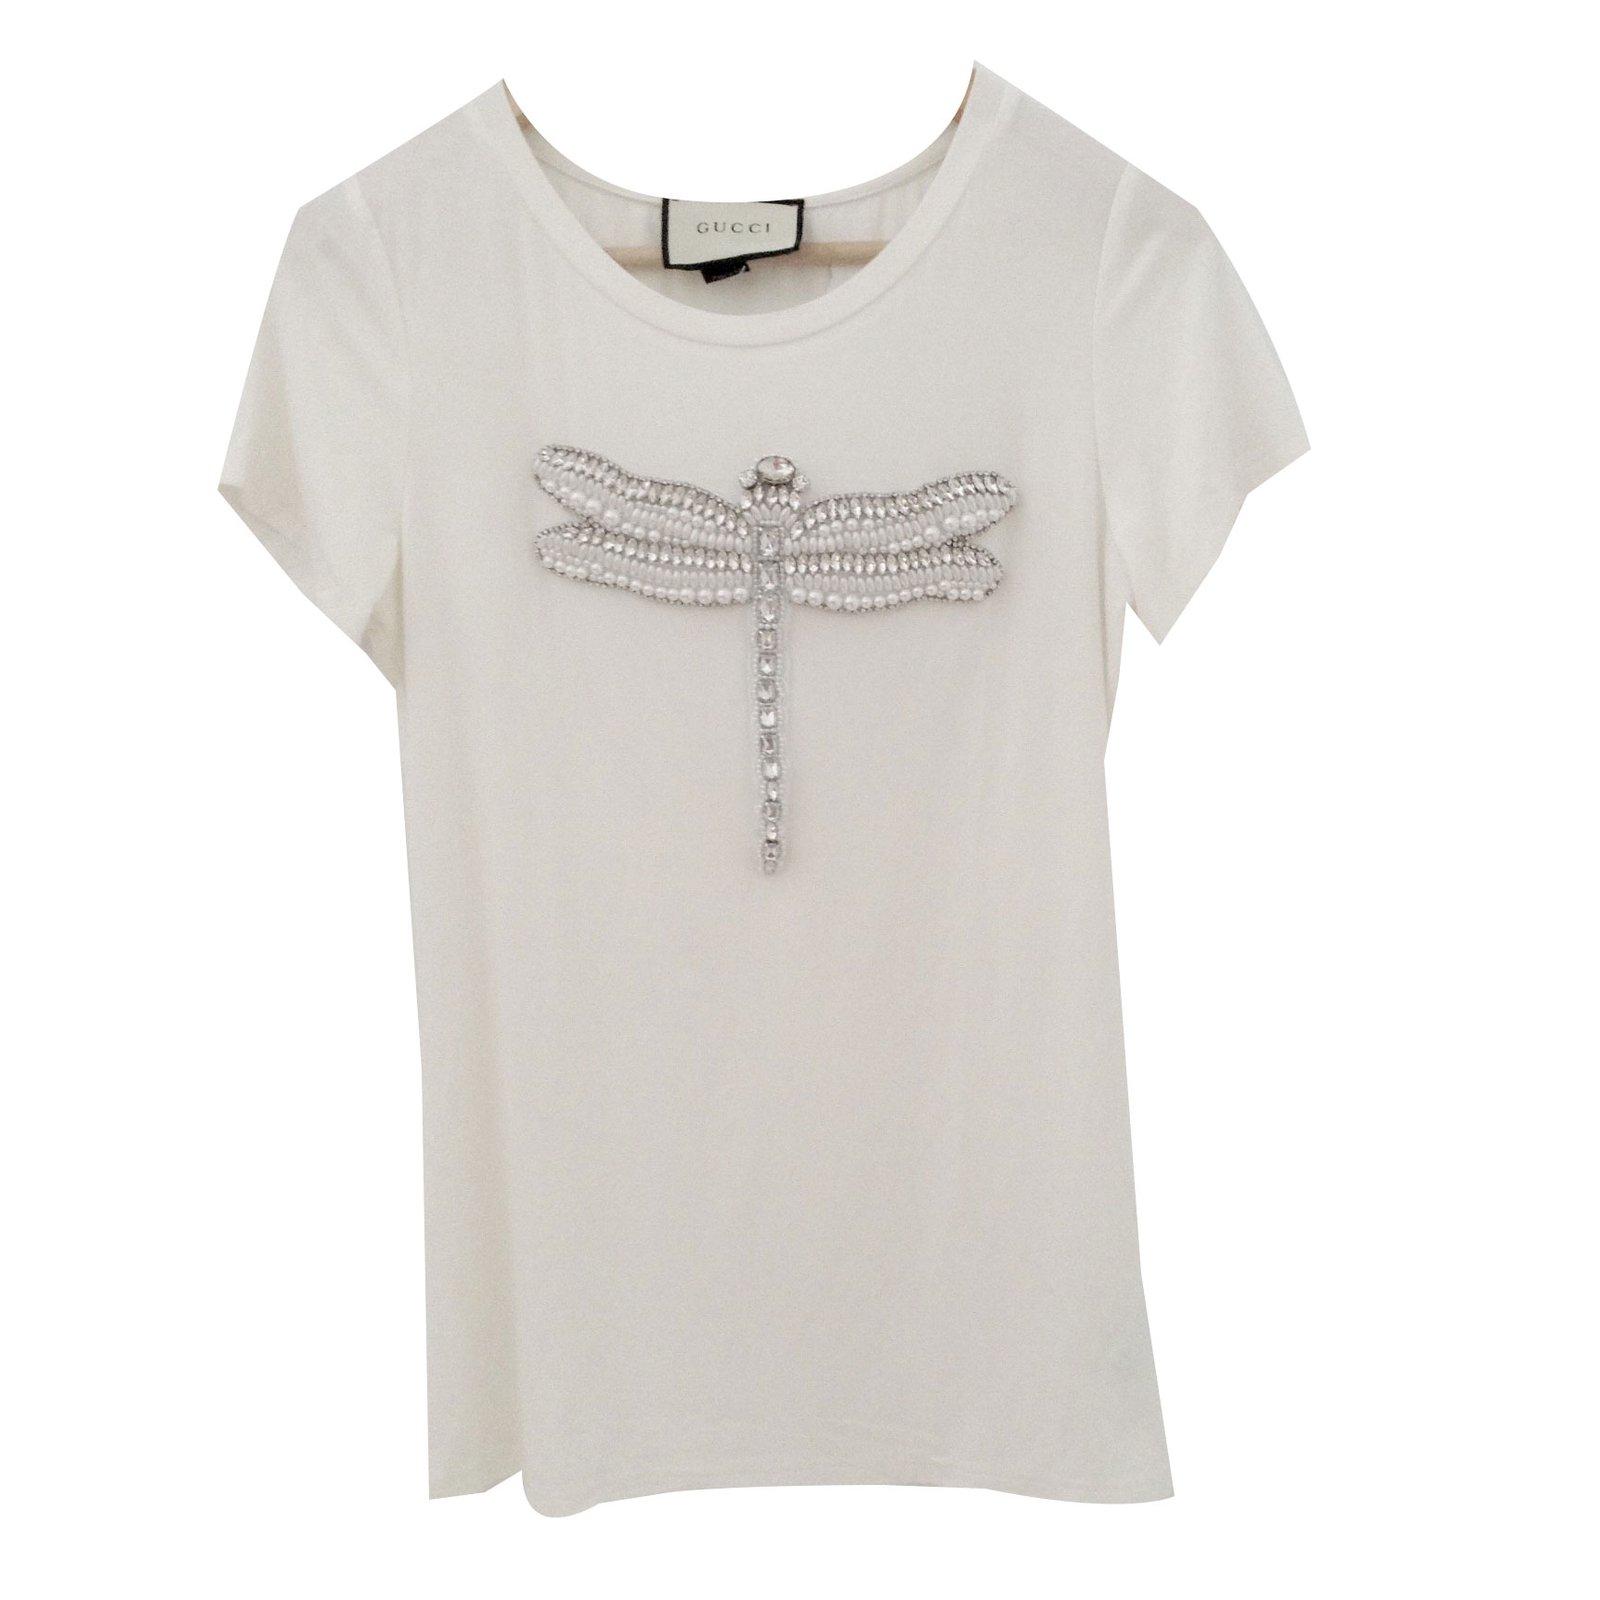 tops gucci t shirt gucci blanc coton blanc joli closet. Black Bedroom Furniture Sets. Home Design Ideas